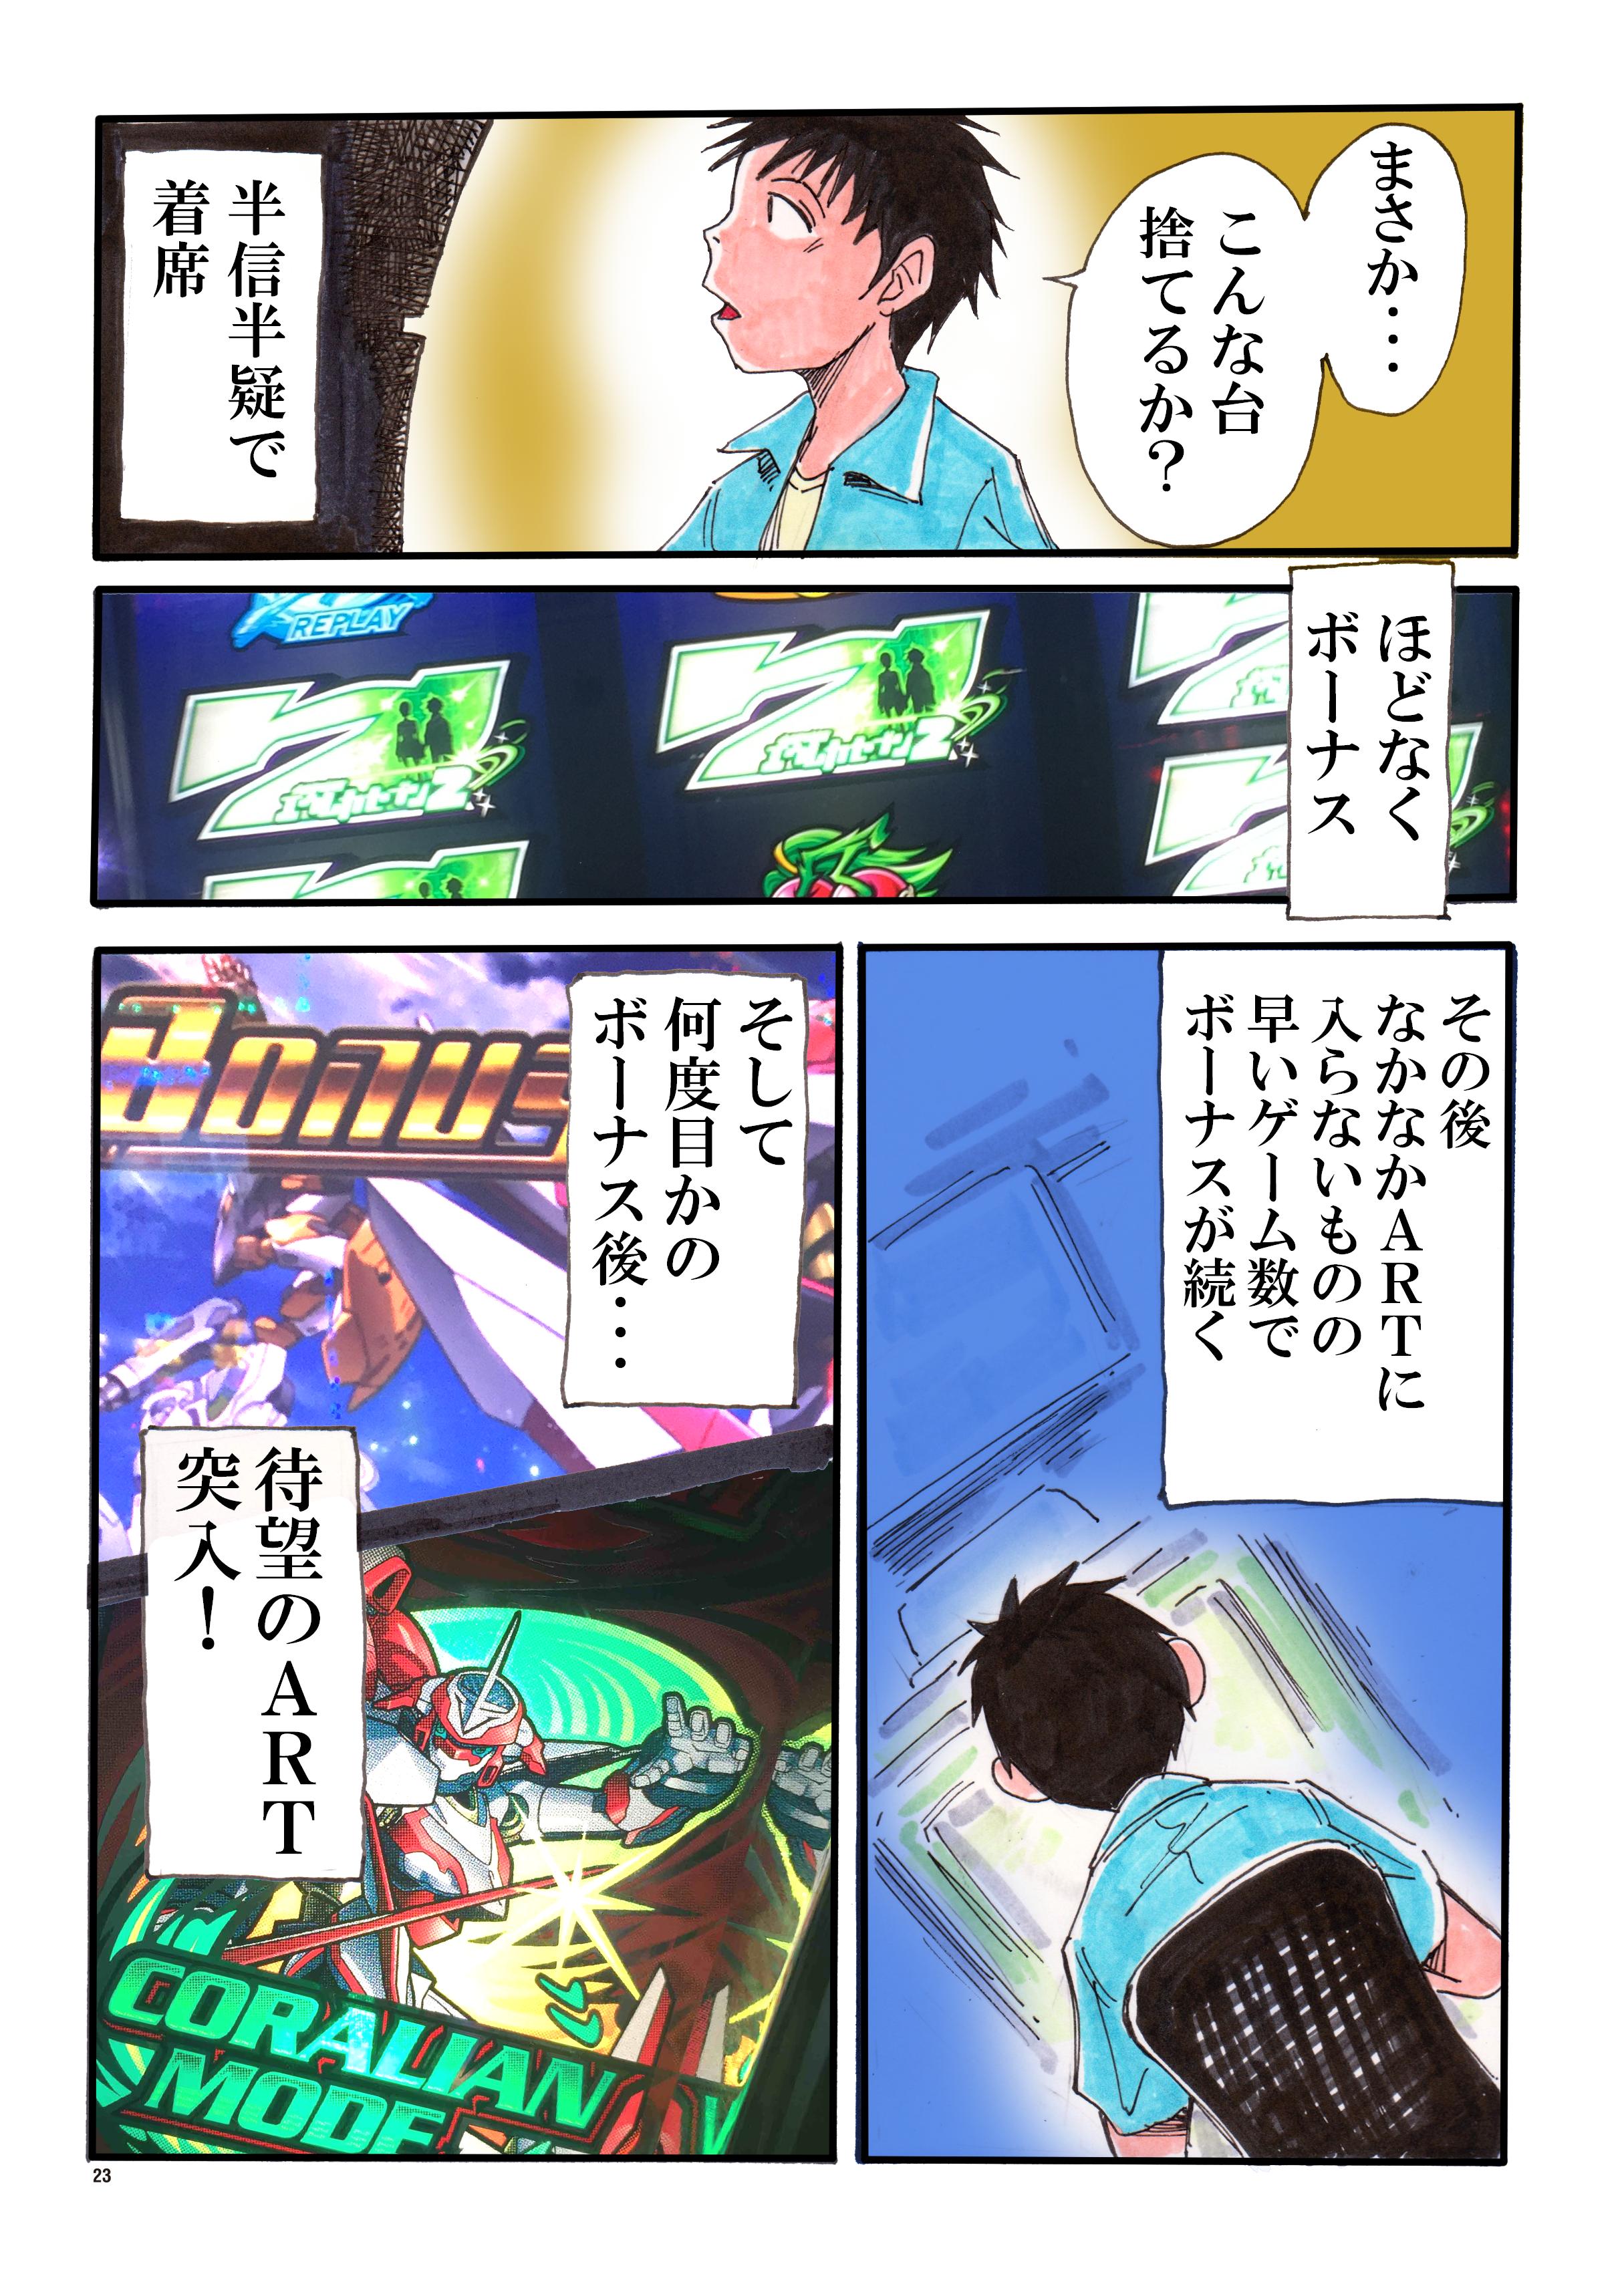 vol.6-5大解析